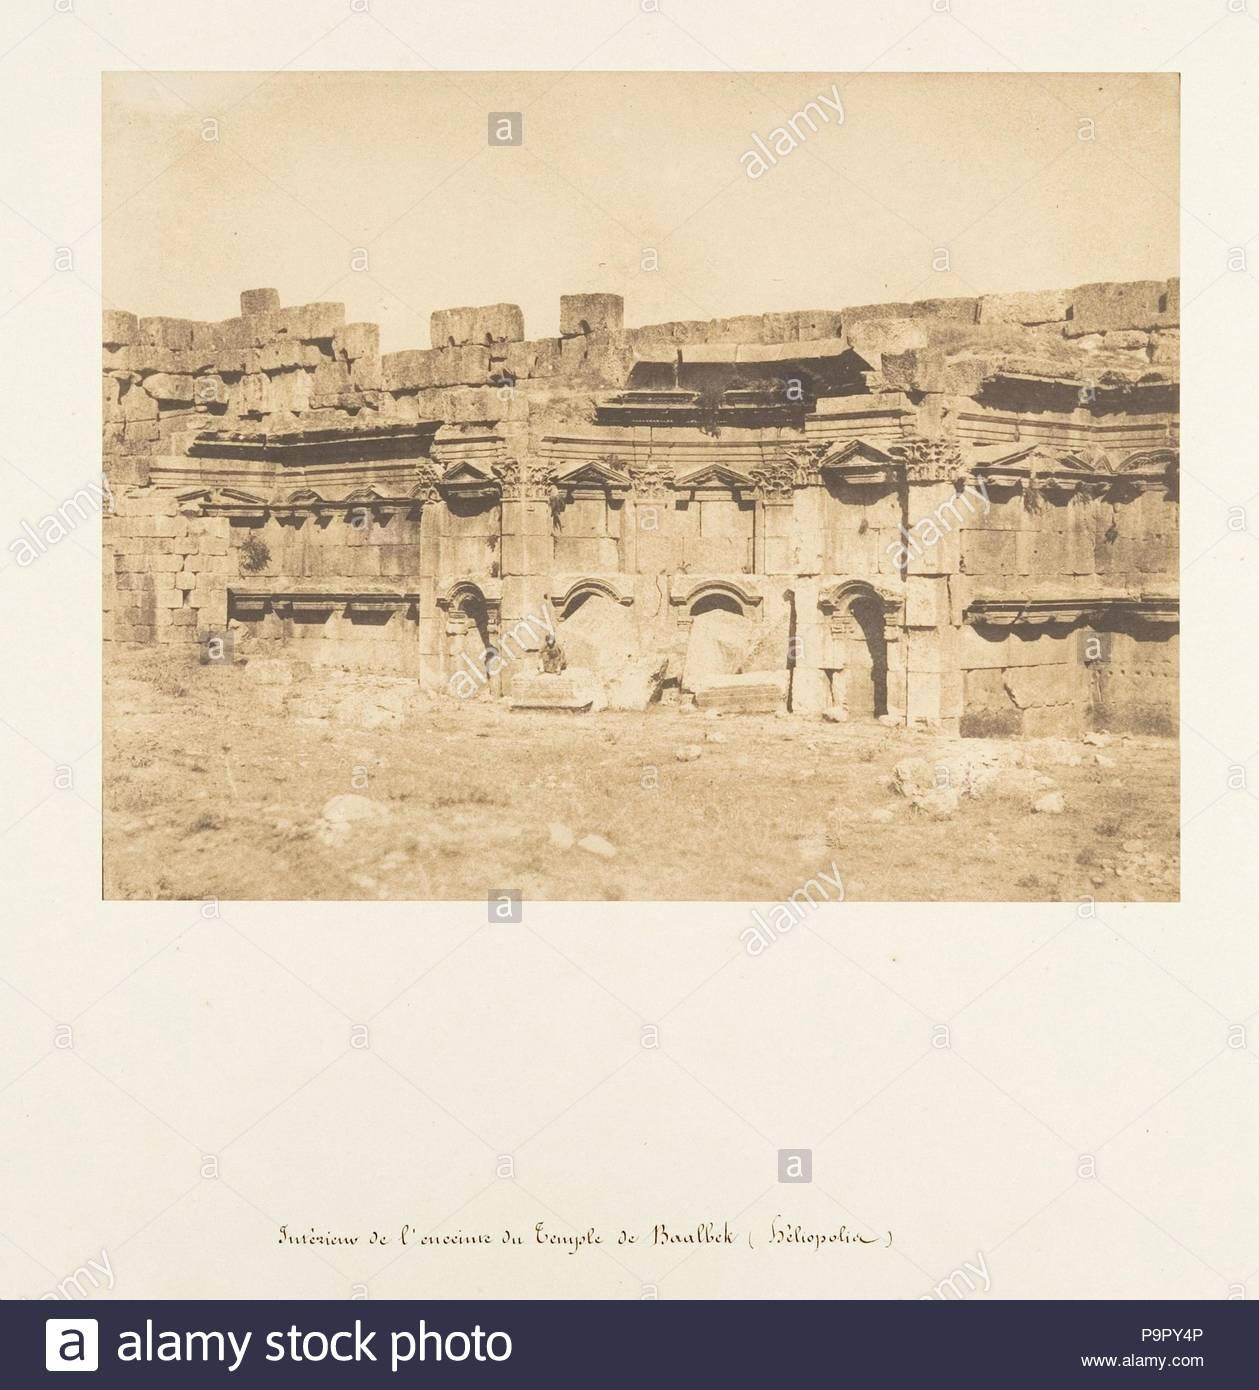 Intérieur de l'enceinte du Temple de Baalbek (héliopolis), 15. September 1850, gesalzen Papier drucken aus Papier negativ, Bild: 6 1/4 x 8 1/8 in. (15,8 × 20,7 cm, Fotos, Maxime Du Camp (Französisch, 1822-1894). Stockbild